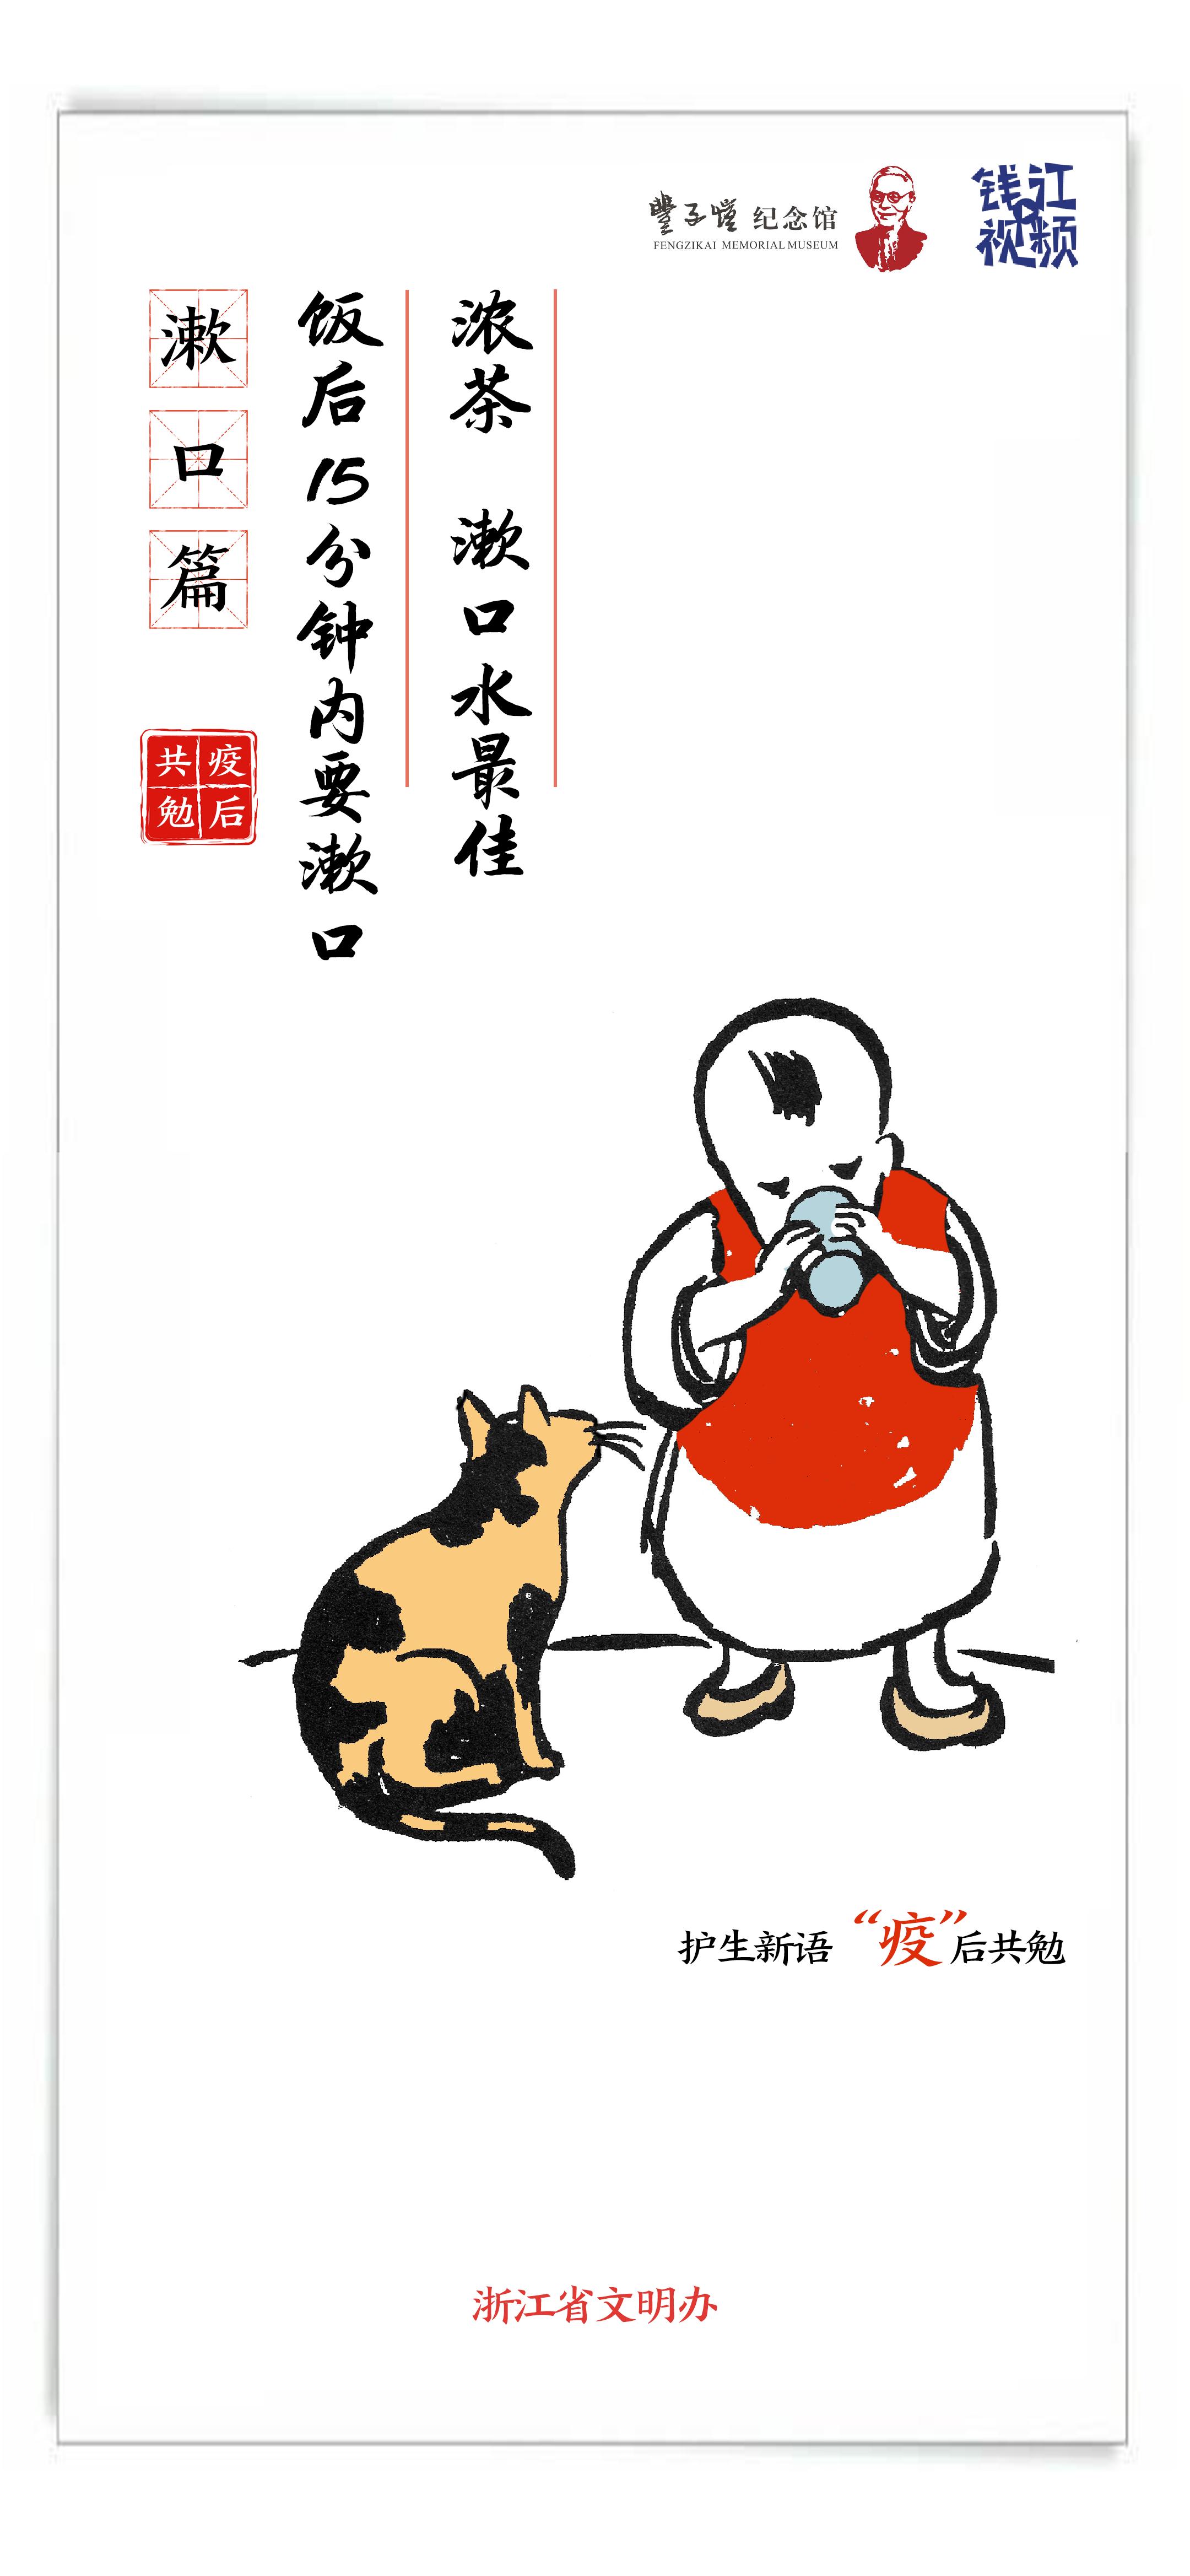 钱江视频-丰子恺主题抗疫公益广告01